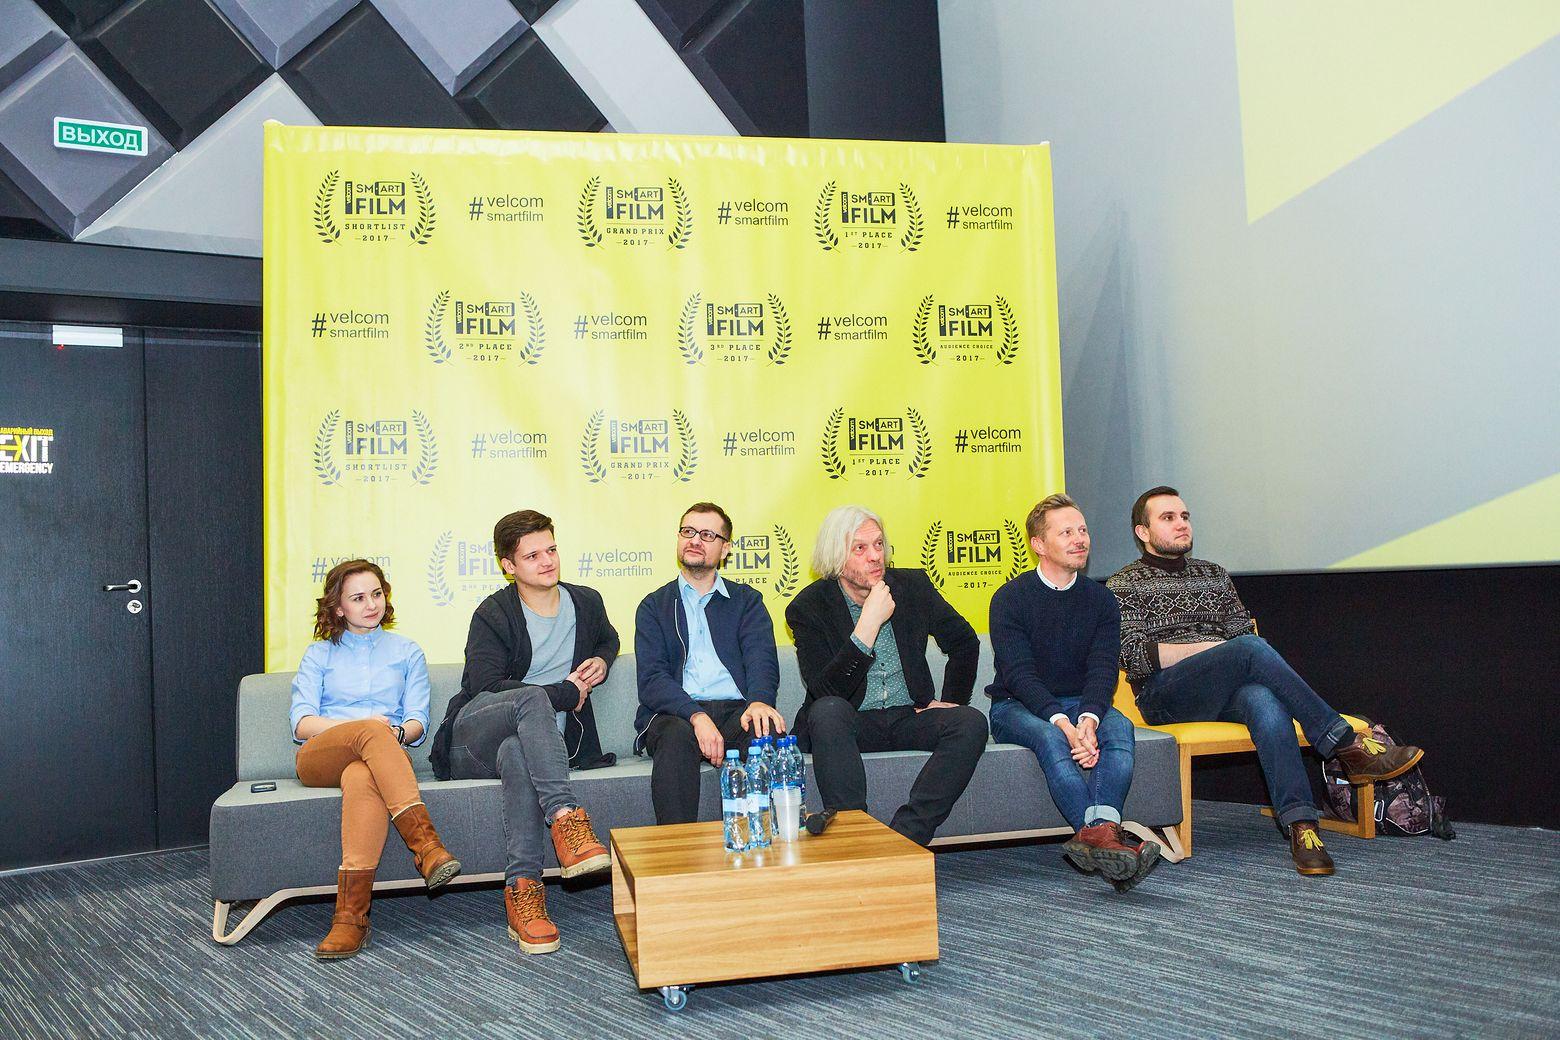 Жюри фестиваля мобильного кино velcom Smartfilm